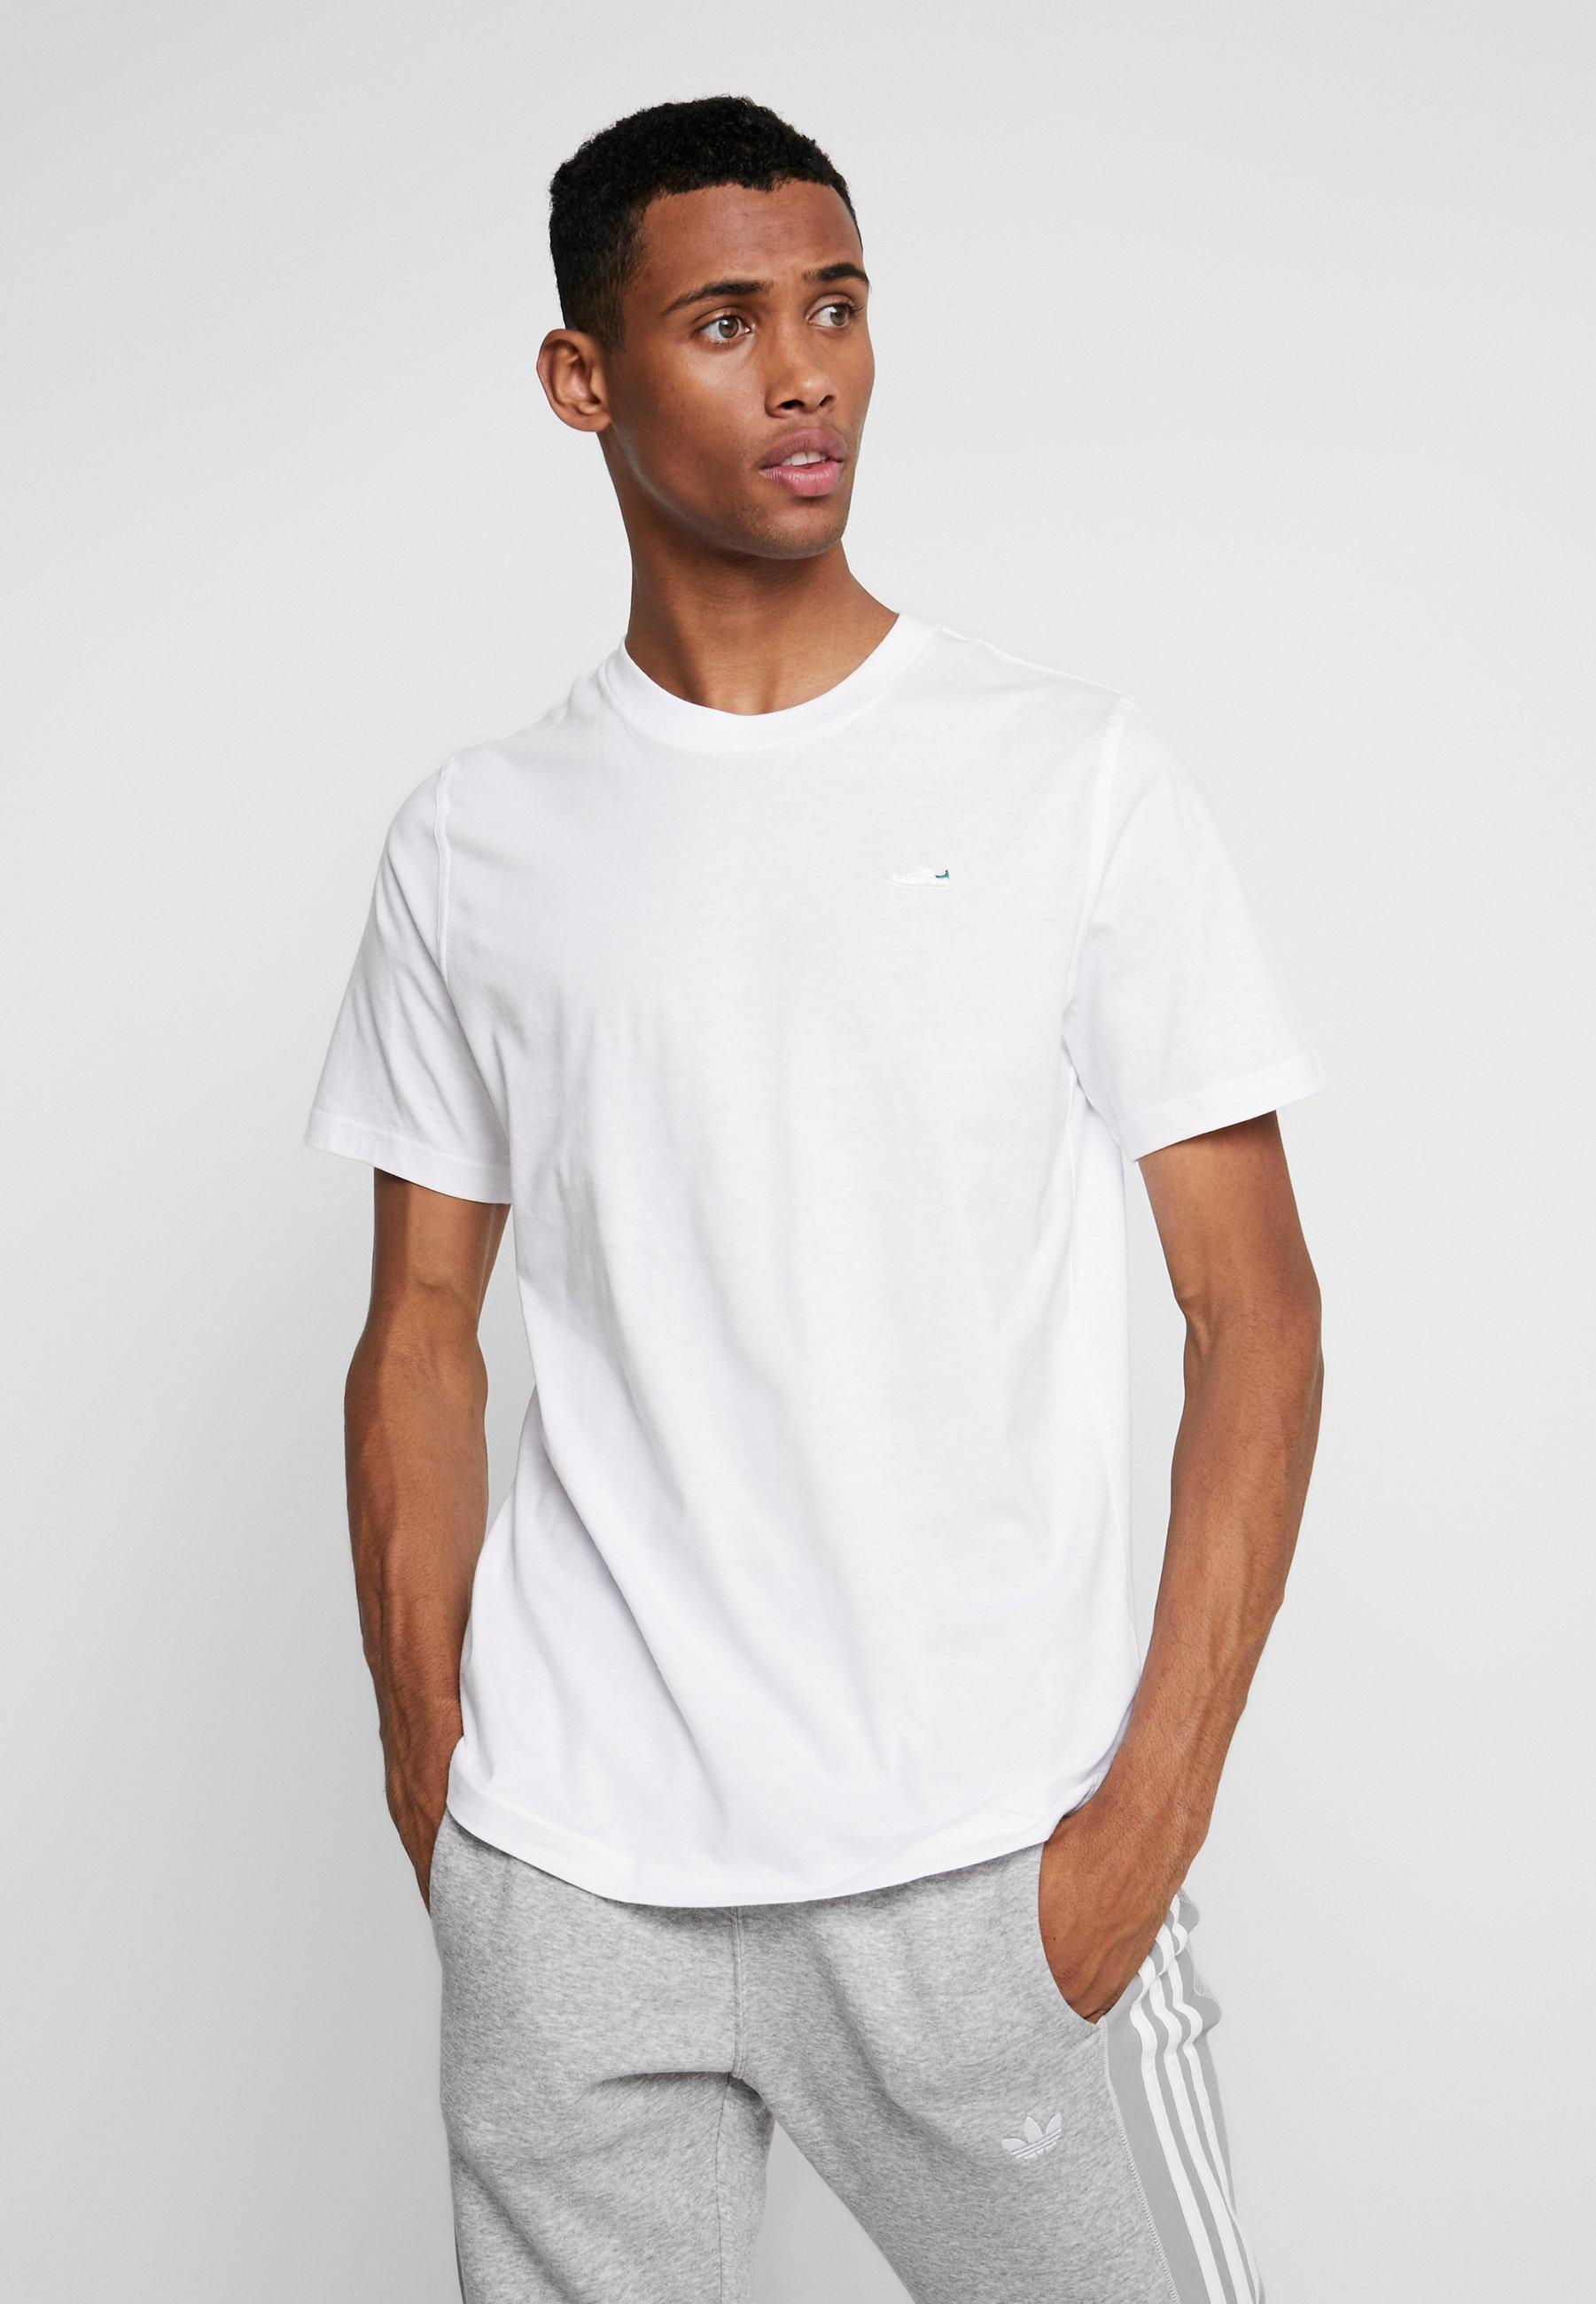 Basique shirt Originals TeeT White Adidas Mini dxCeBor